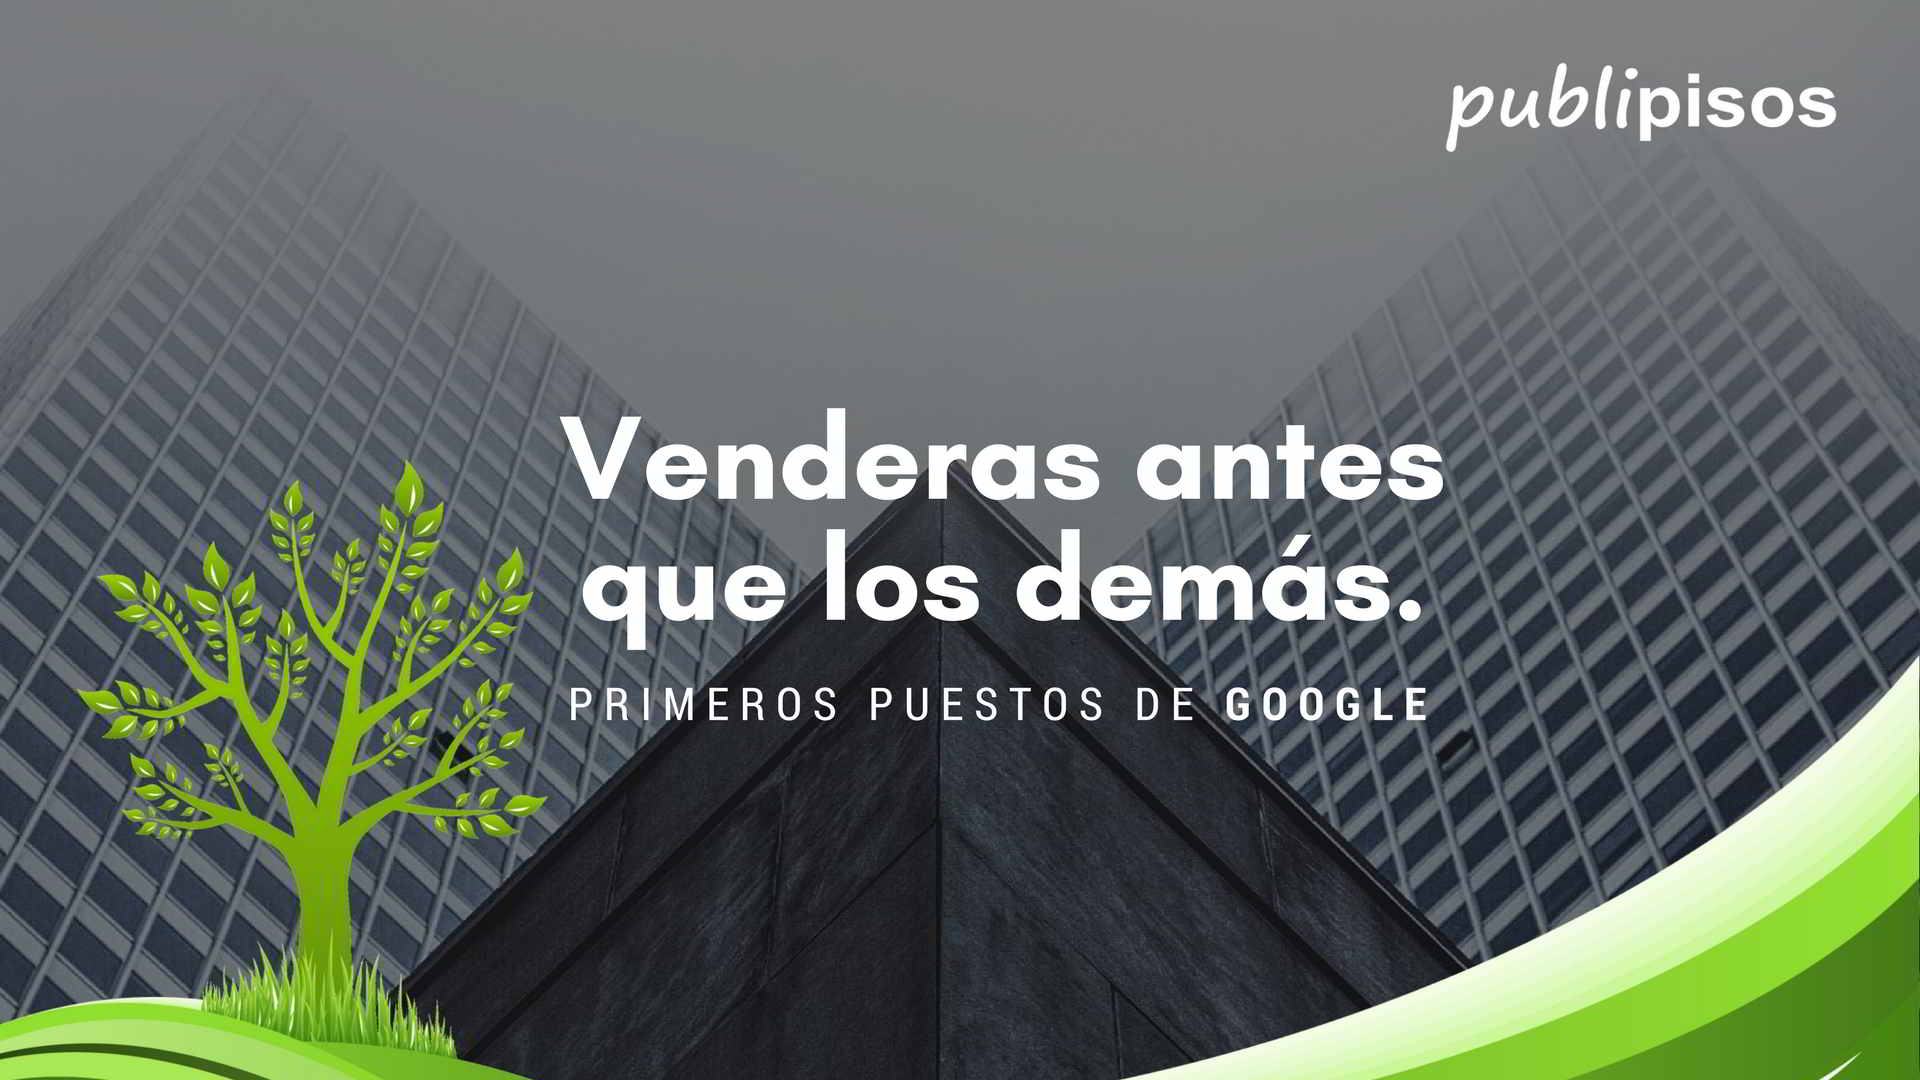 vende antes que los demas Publipisos  Venta Pisos en Zaragoza